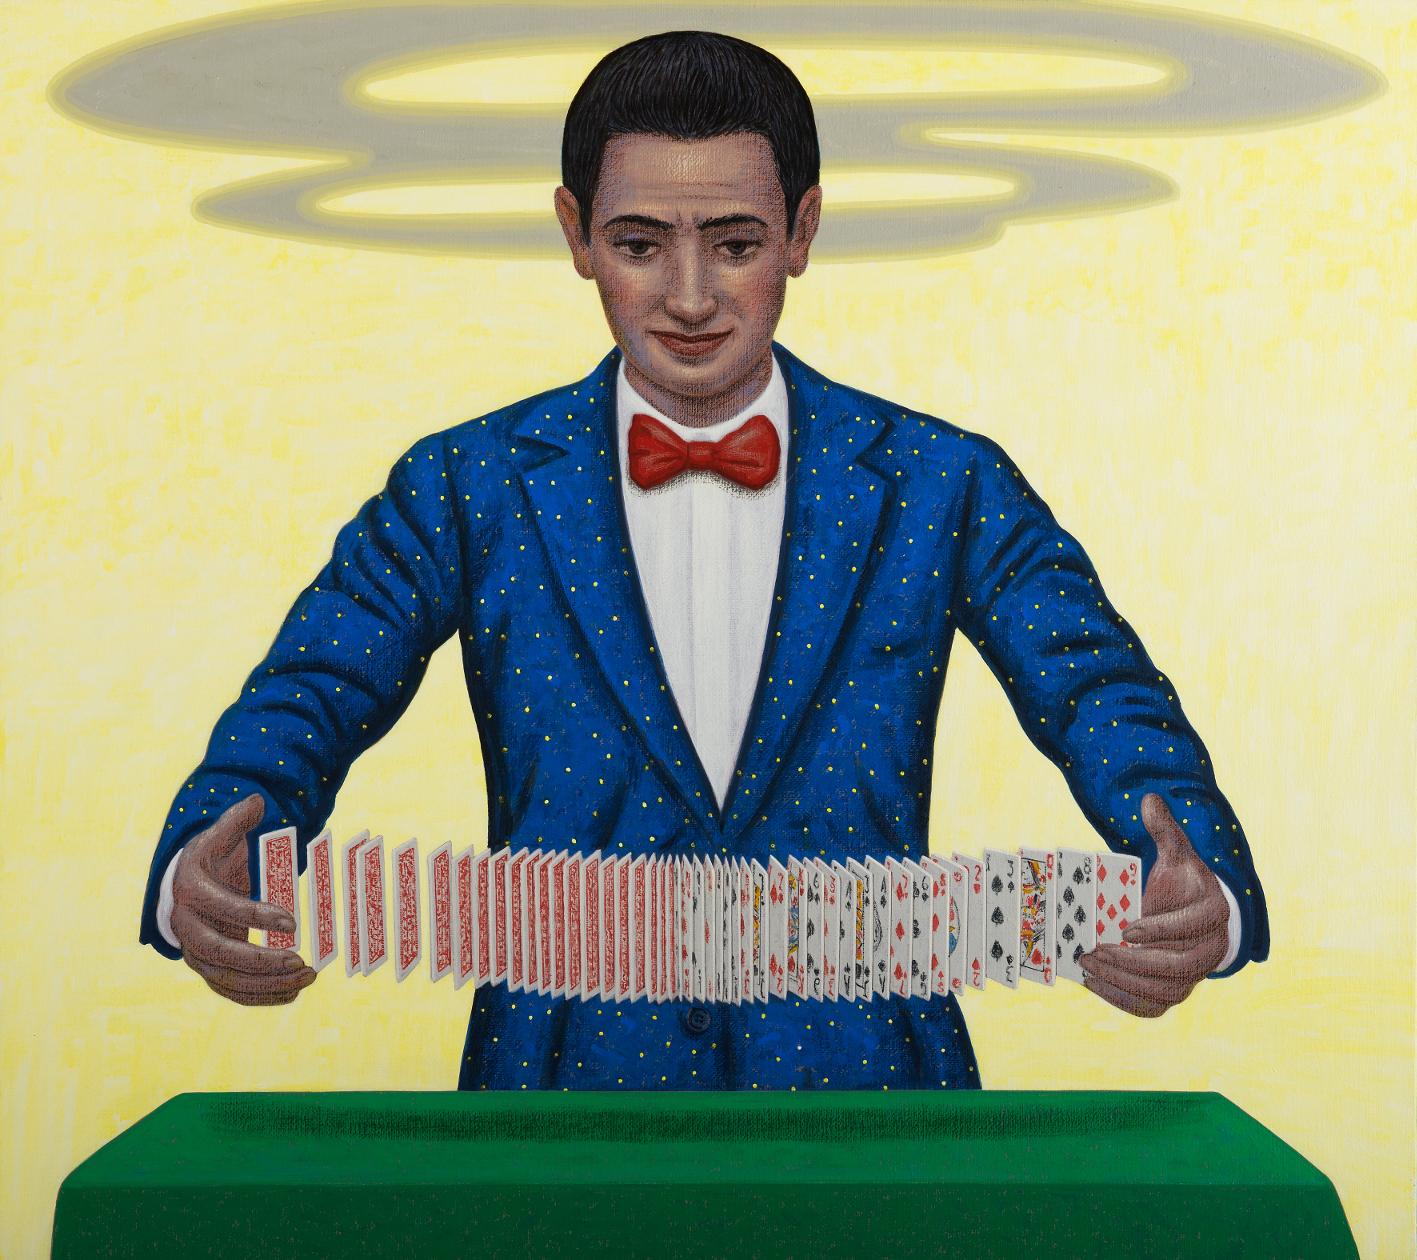 Le Figure luminose di Aldo Damioli